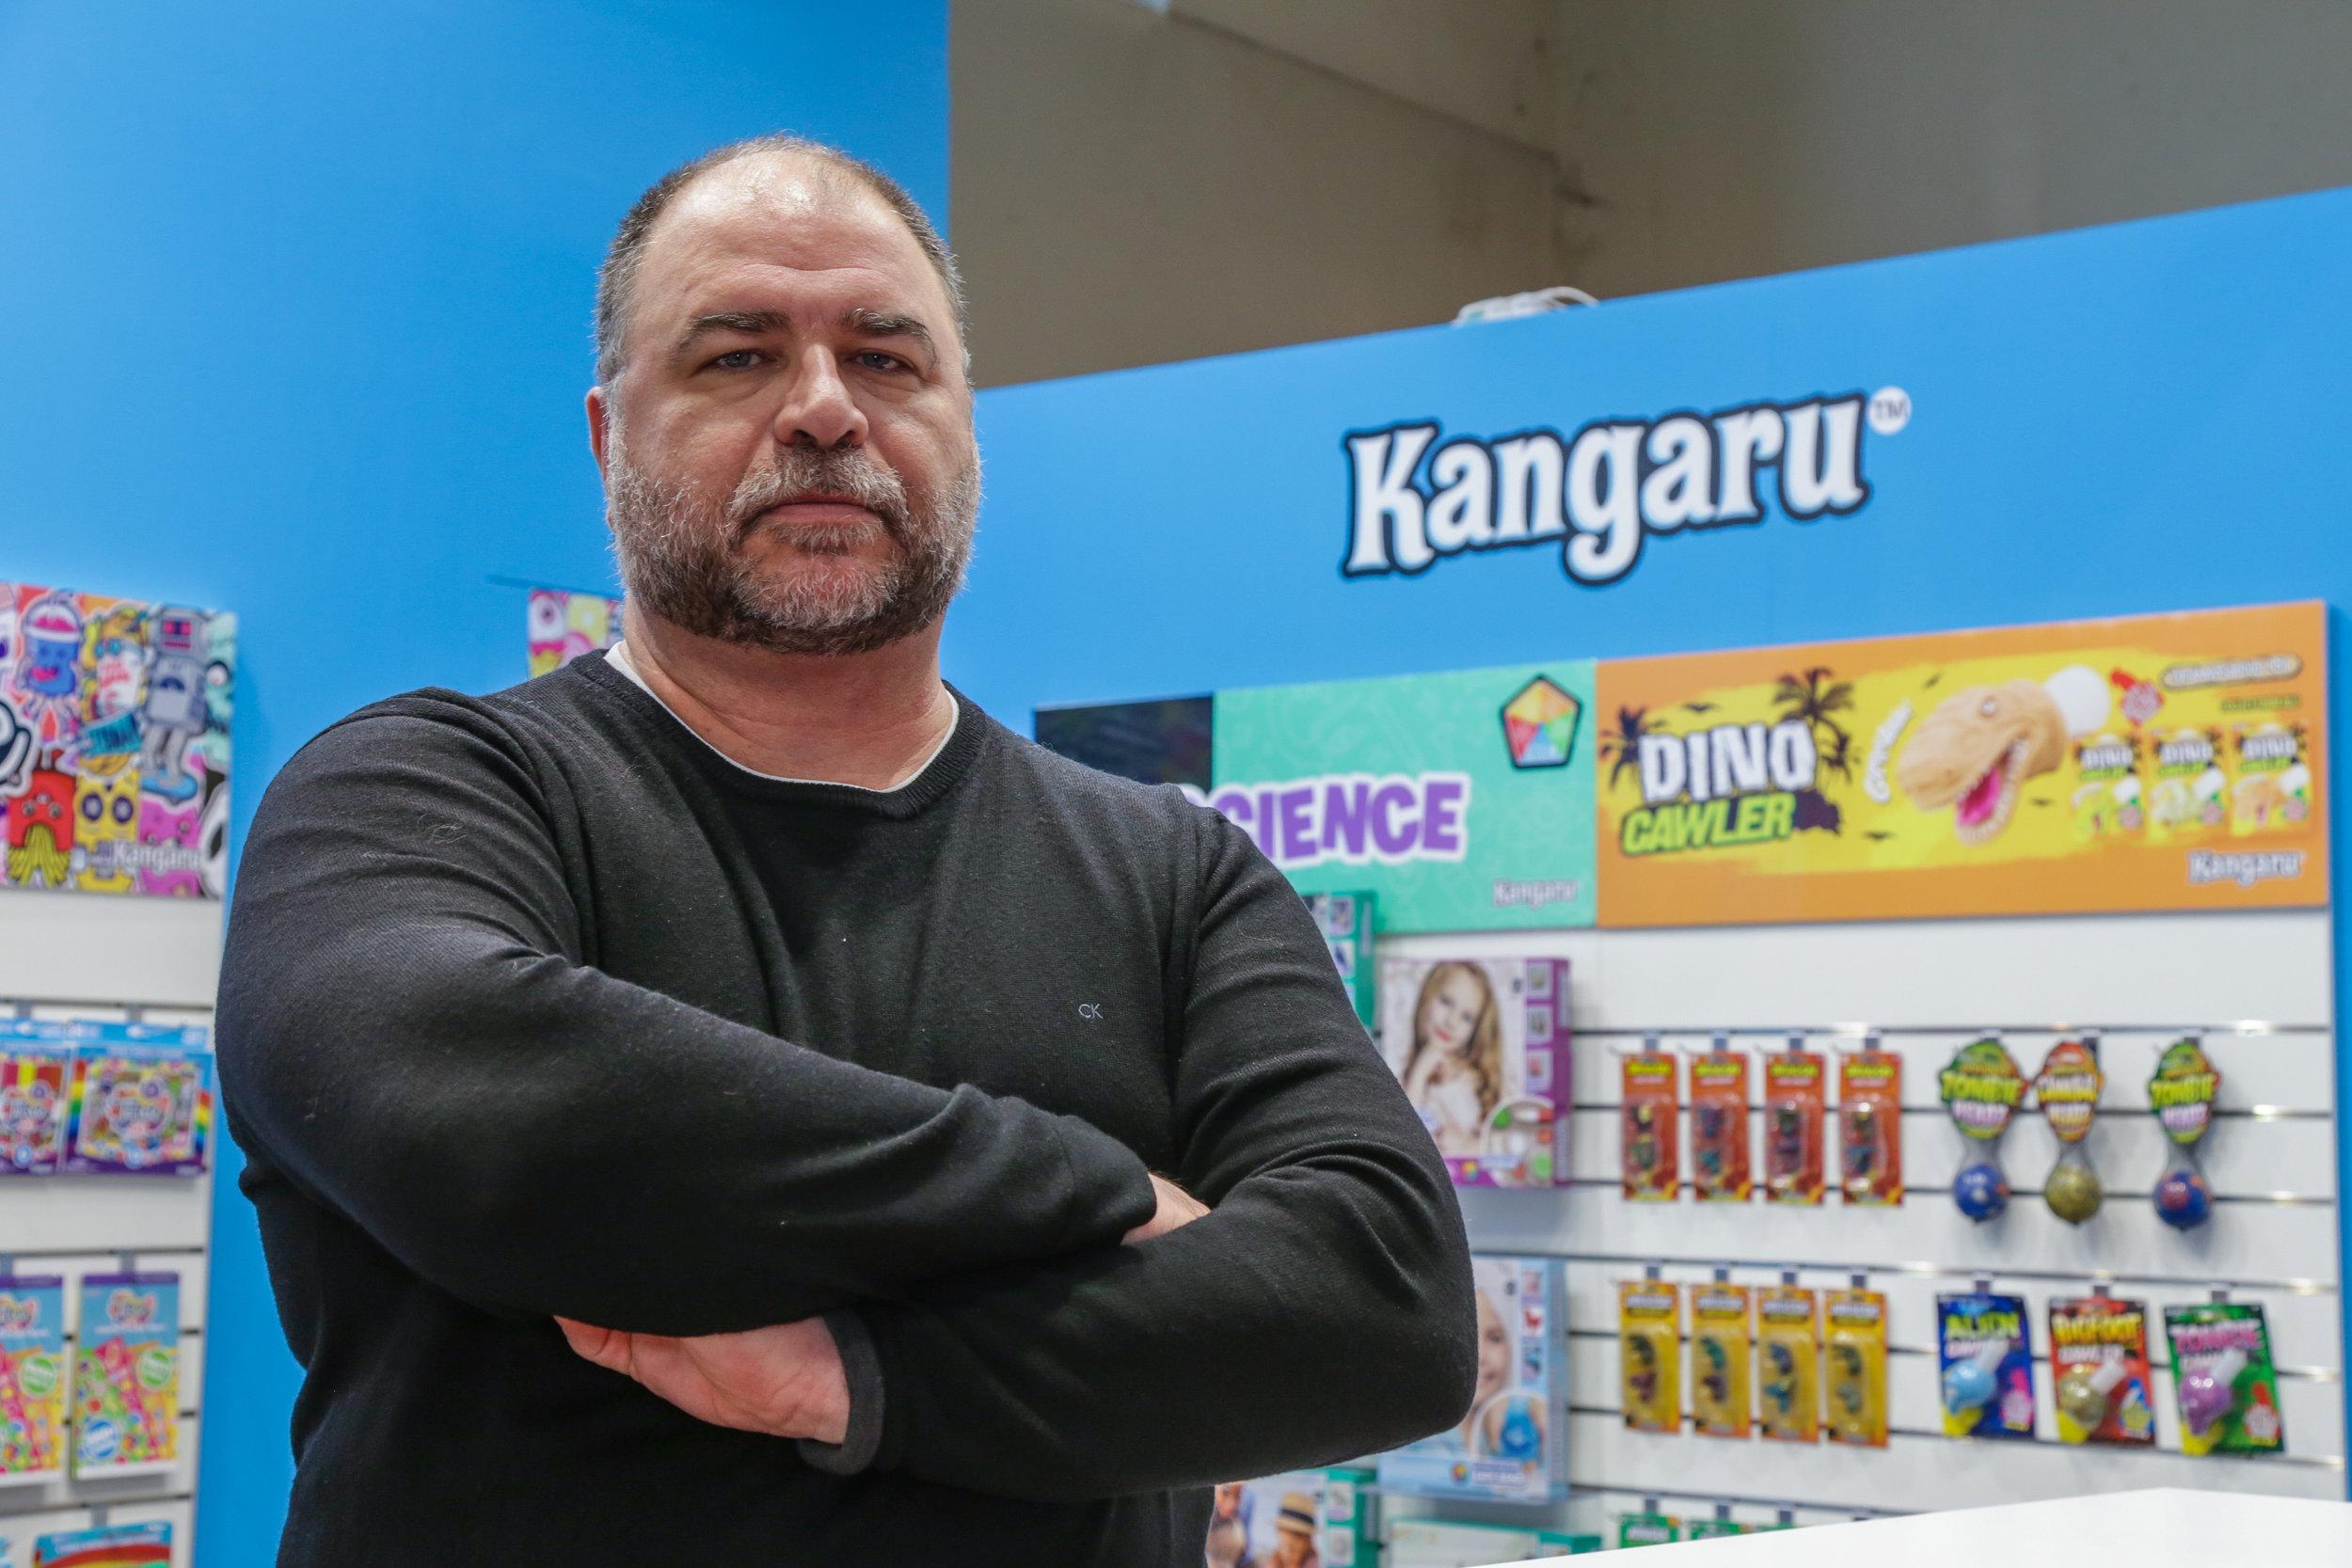 Photos Kangaru Spielwarenmesse 2019 high res5.jpg